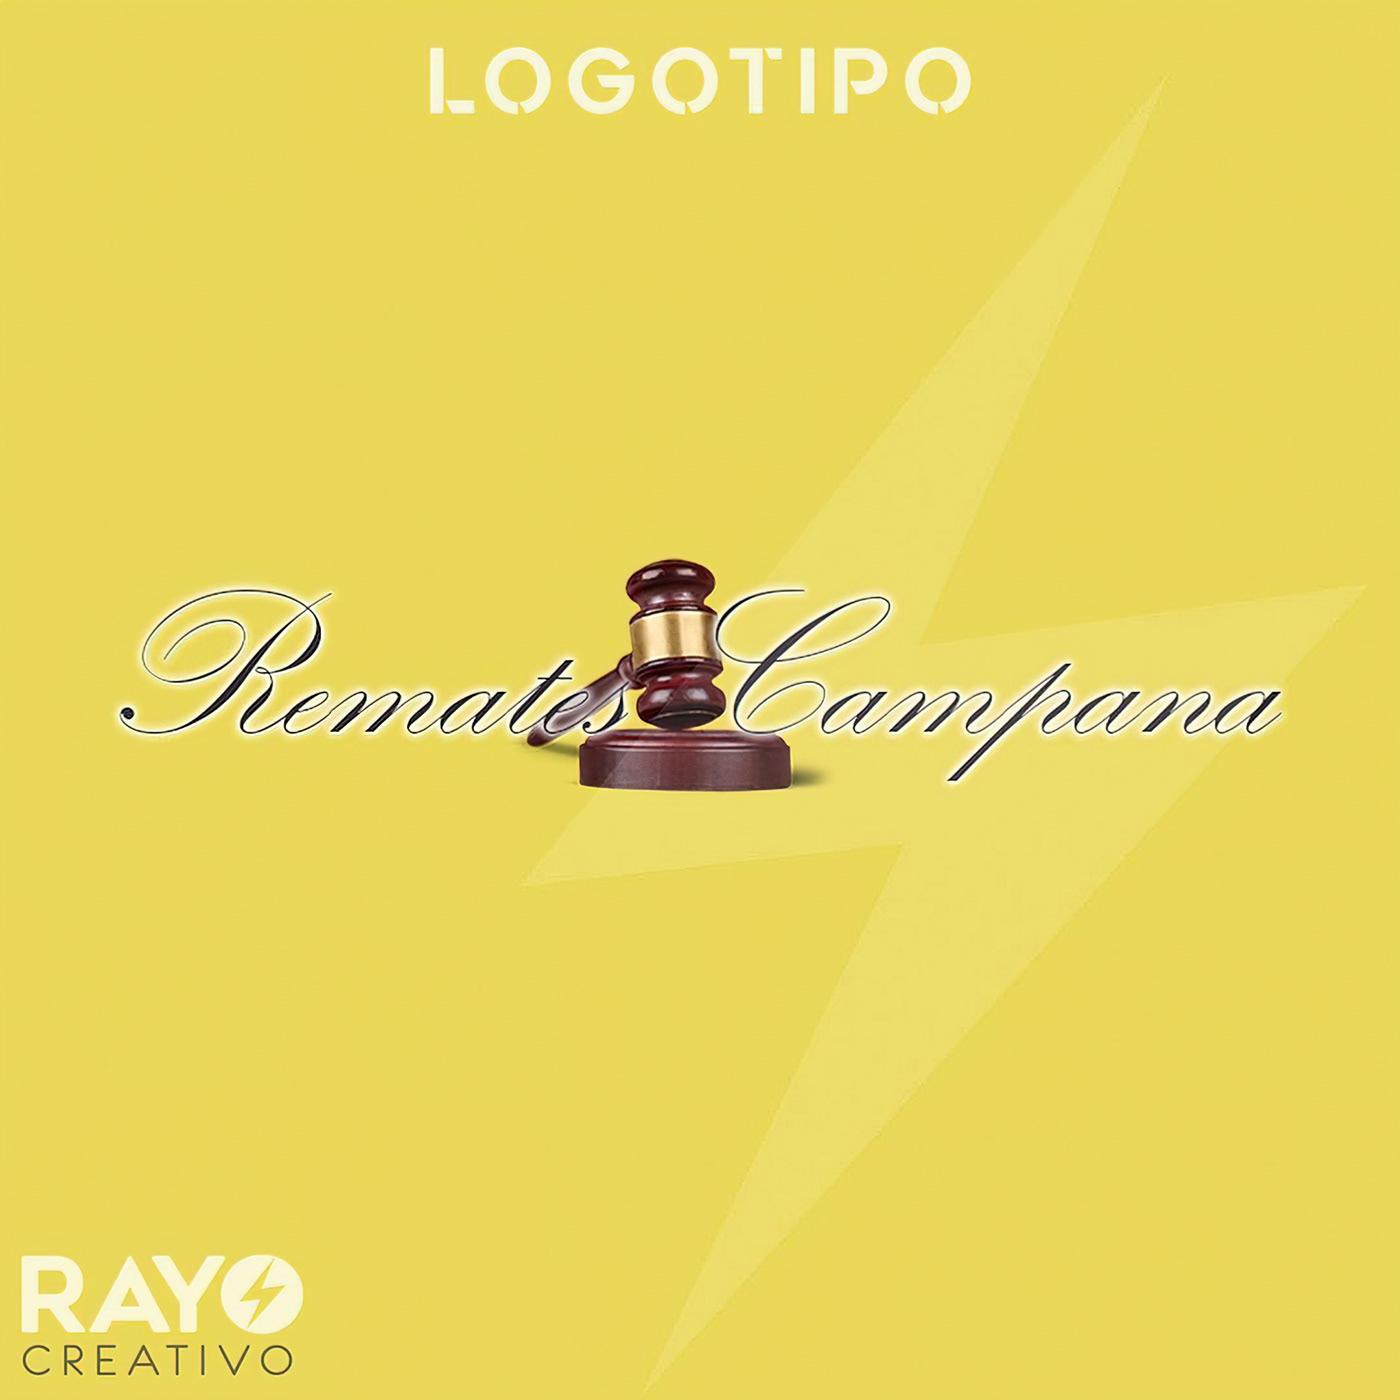 branding  diseño gráfico identidad Isologo logo Logotipo Logotype marca